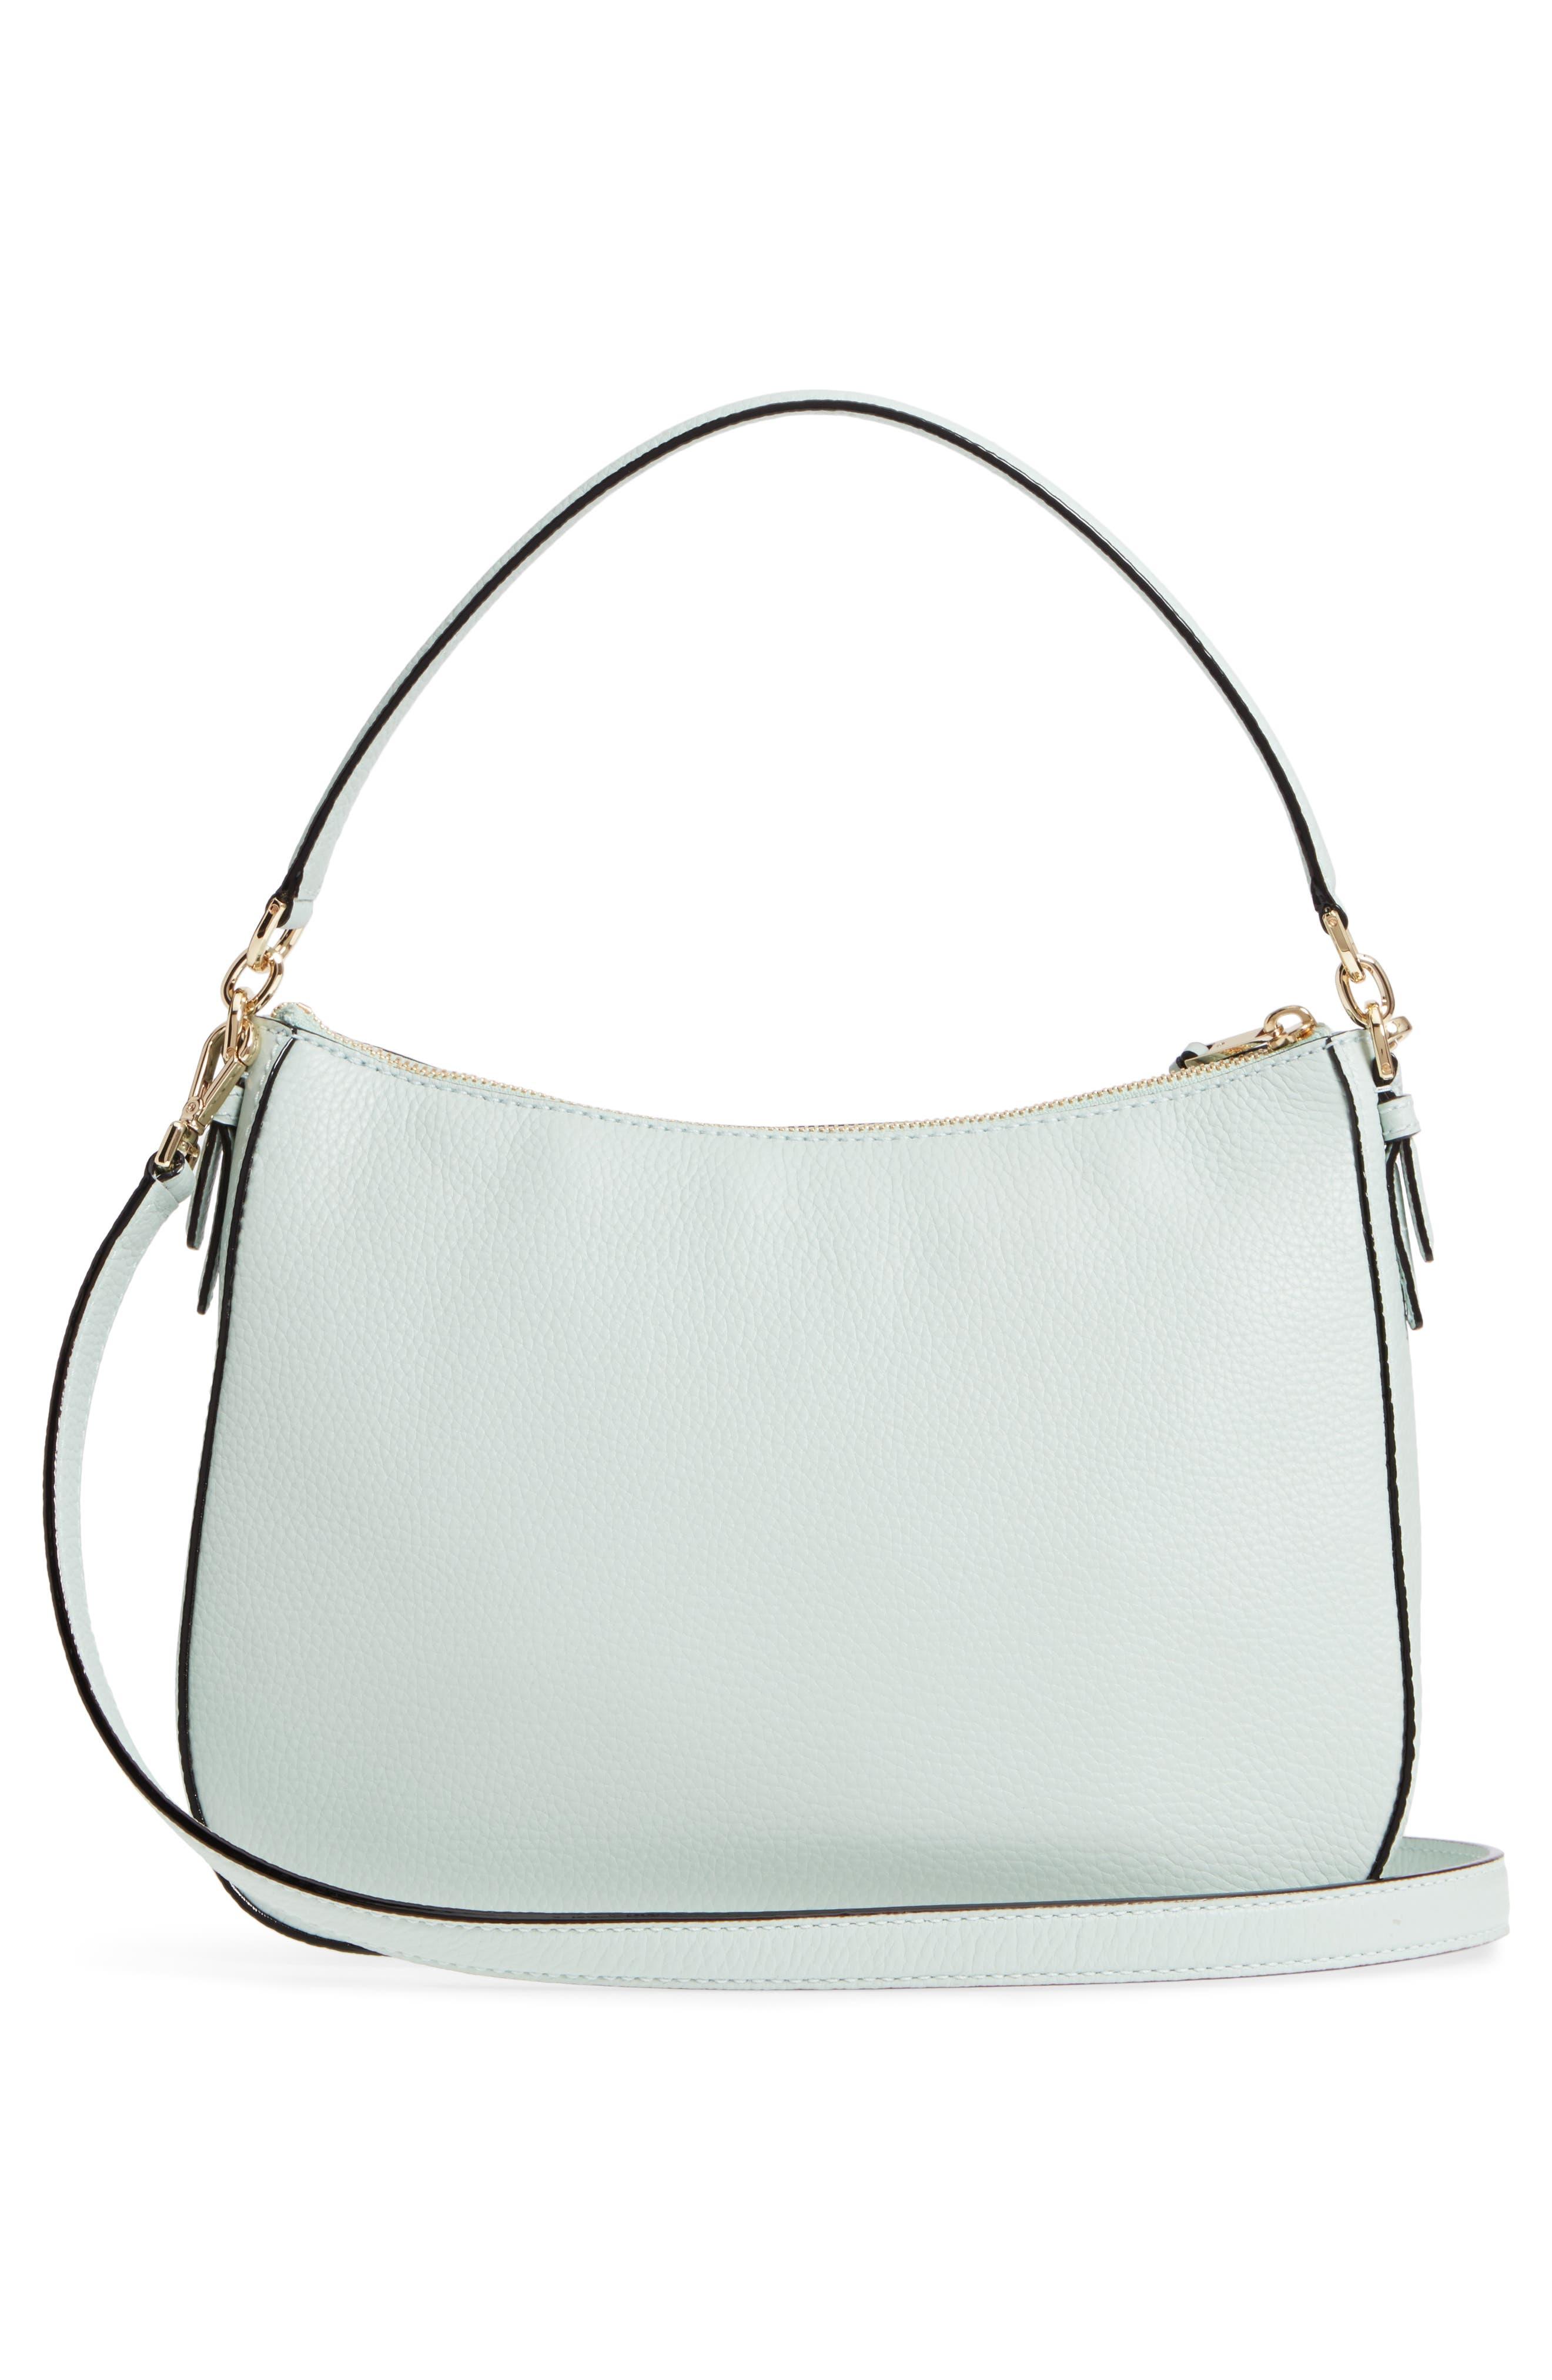 jackson street - colette leather satchel,                             Alternate thumbnail 5, color,                             Misty Mint